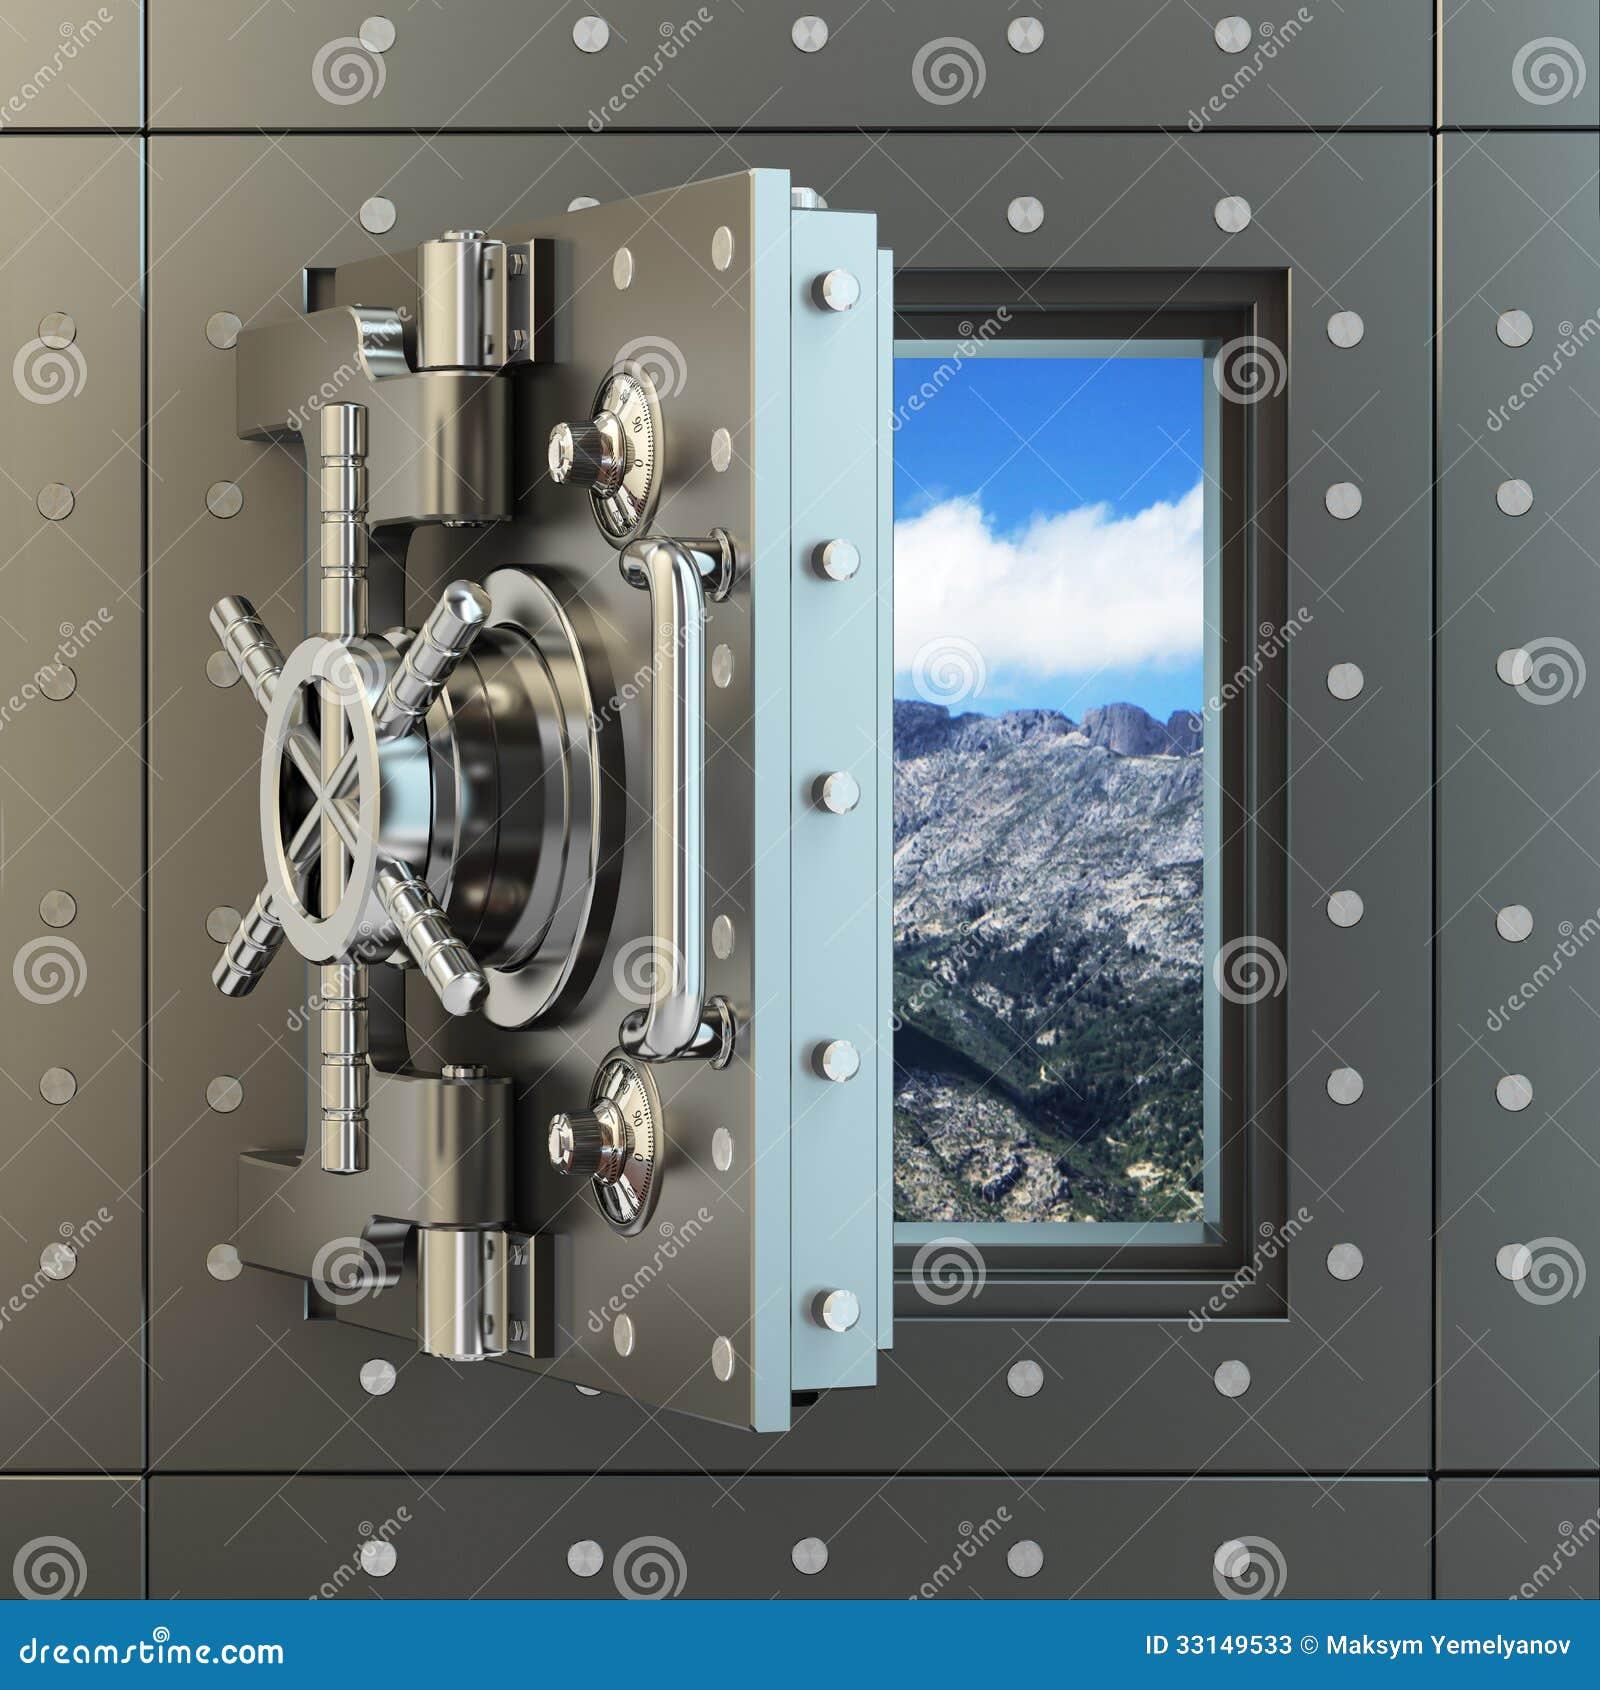 Libert porte et ciel de chambre forte d 39 ouverture derri re lui photos stock image 33149533 for Porte blindee chambre forte